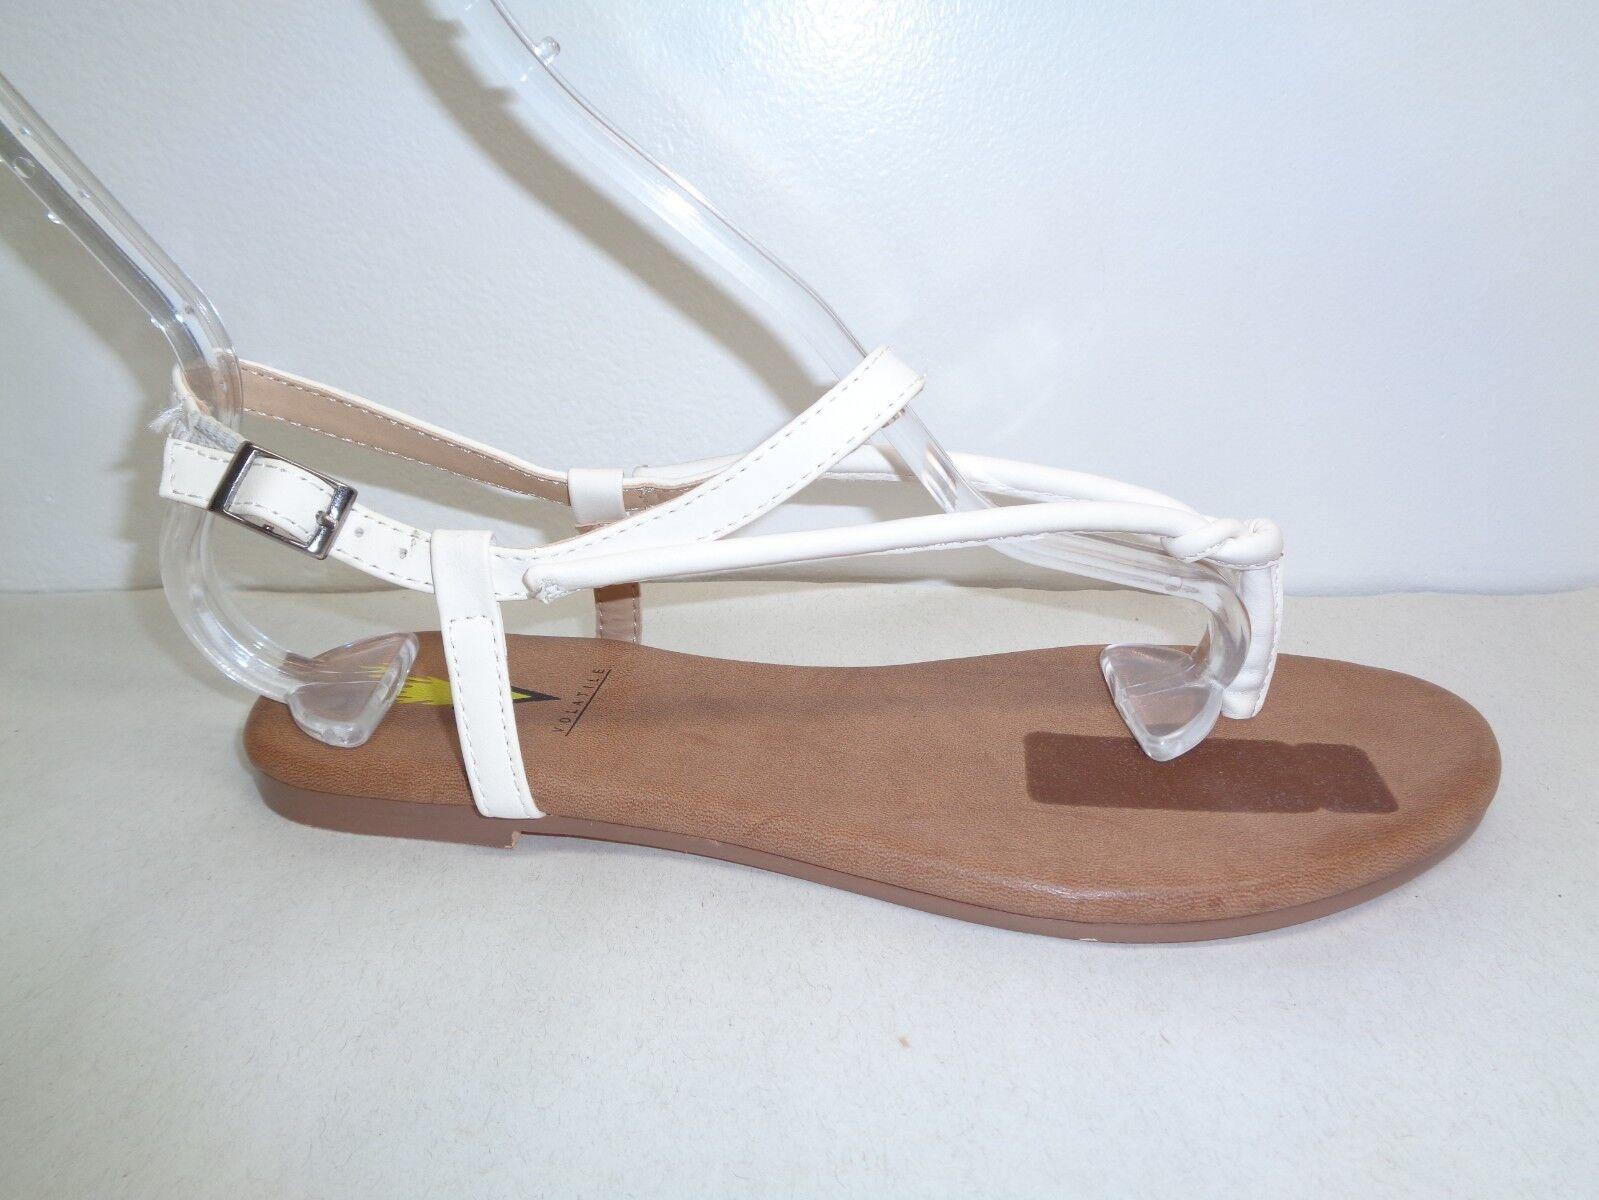 Volátiles Talla 7 Laury Laury Laury blancoo Tanga Charol Sandalias Nuevos Mujer Zapatos  Con 100% de calidad y servicio de% 100.